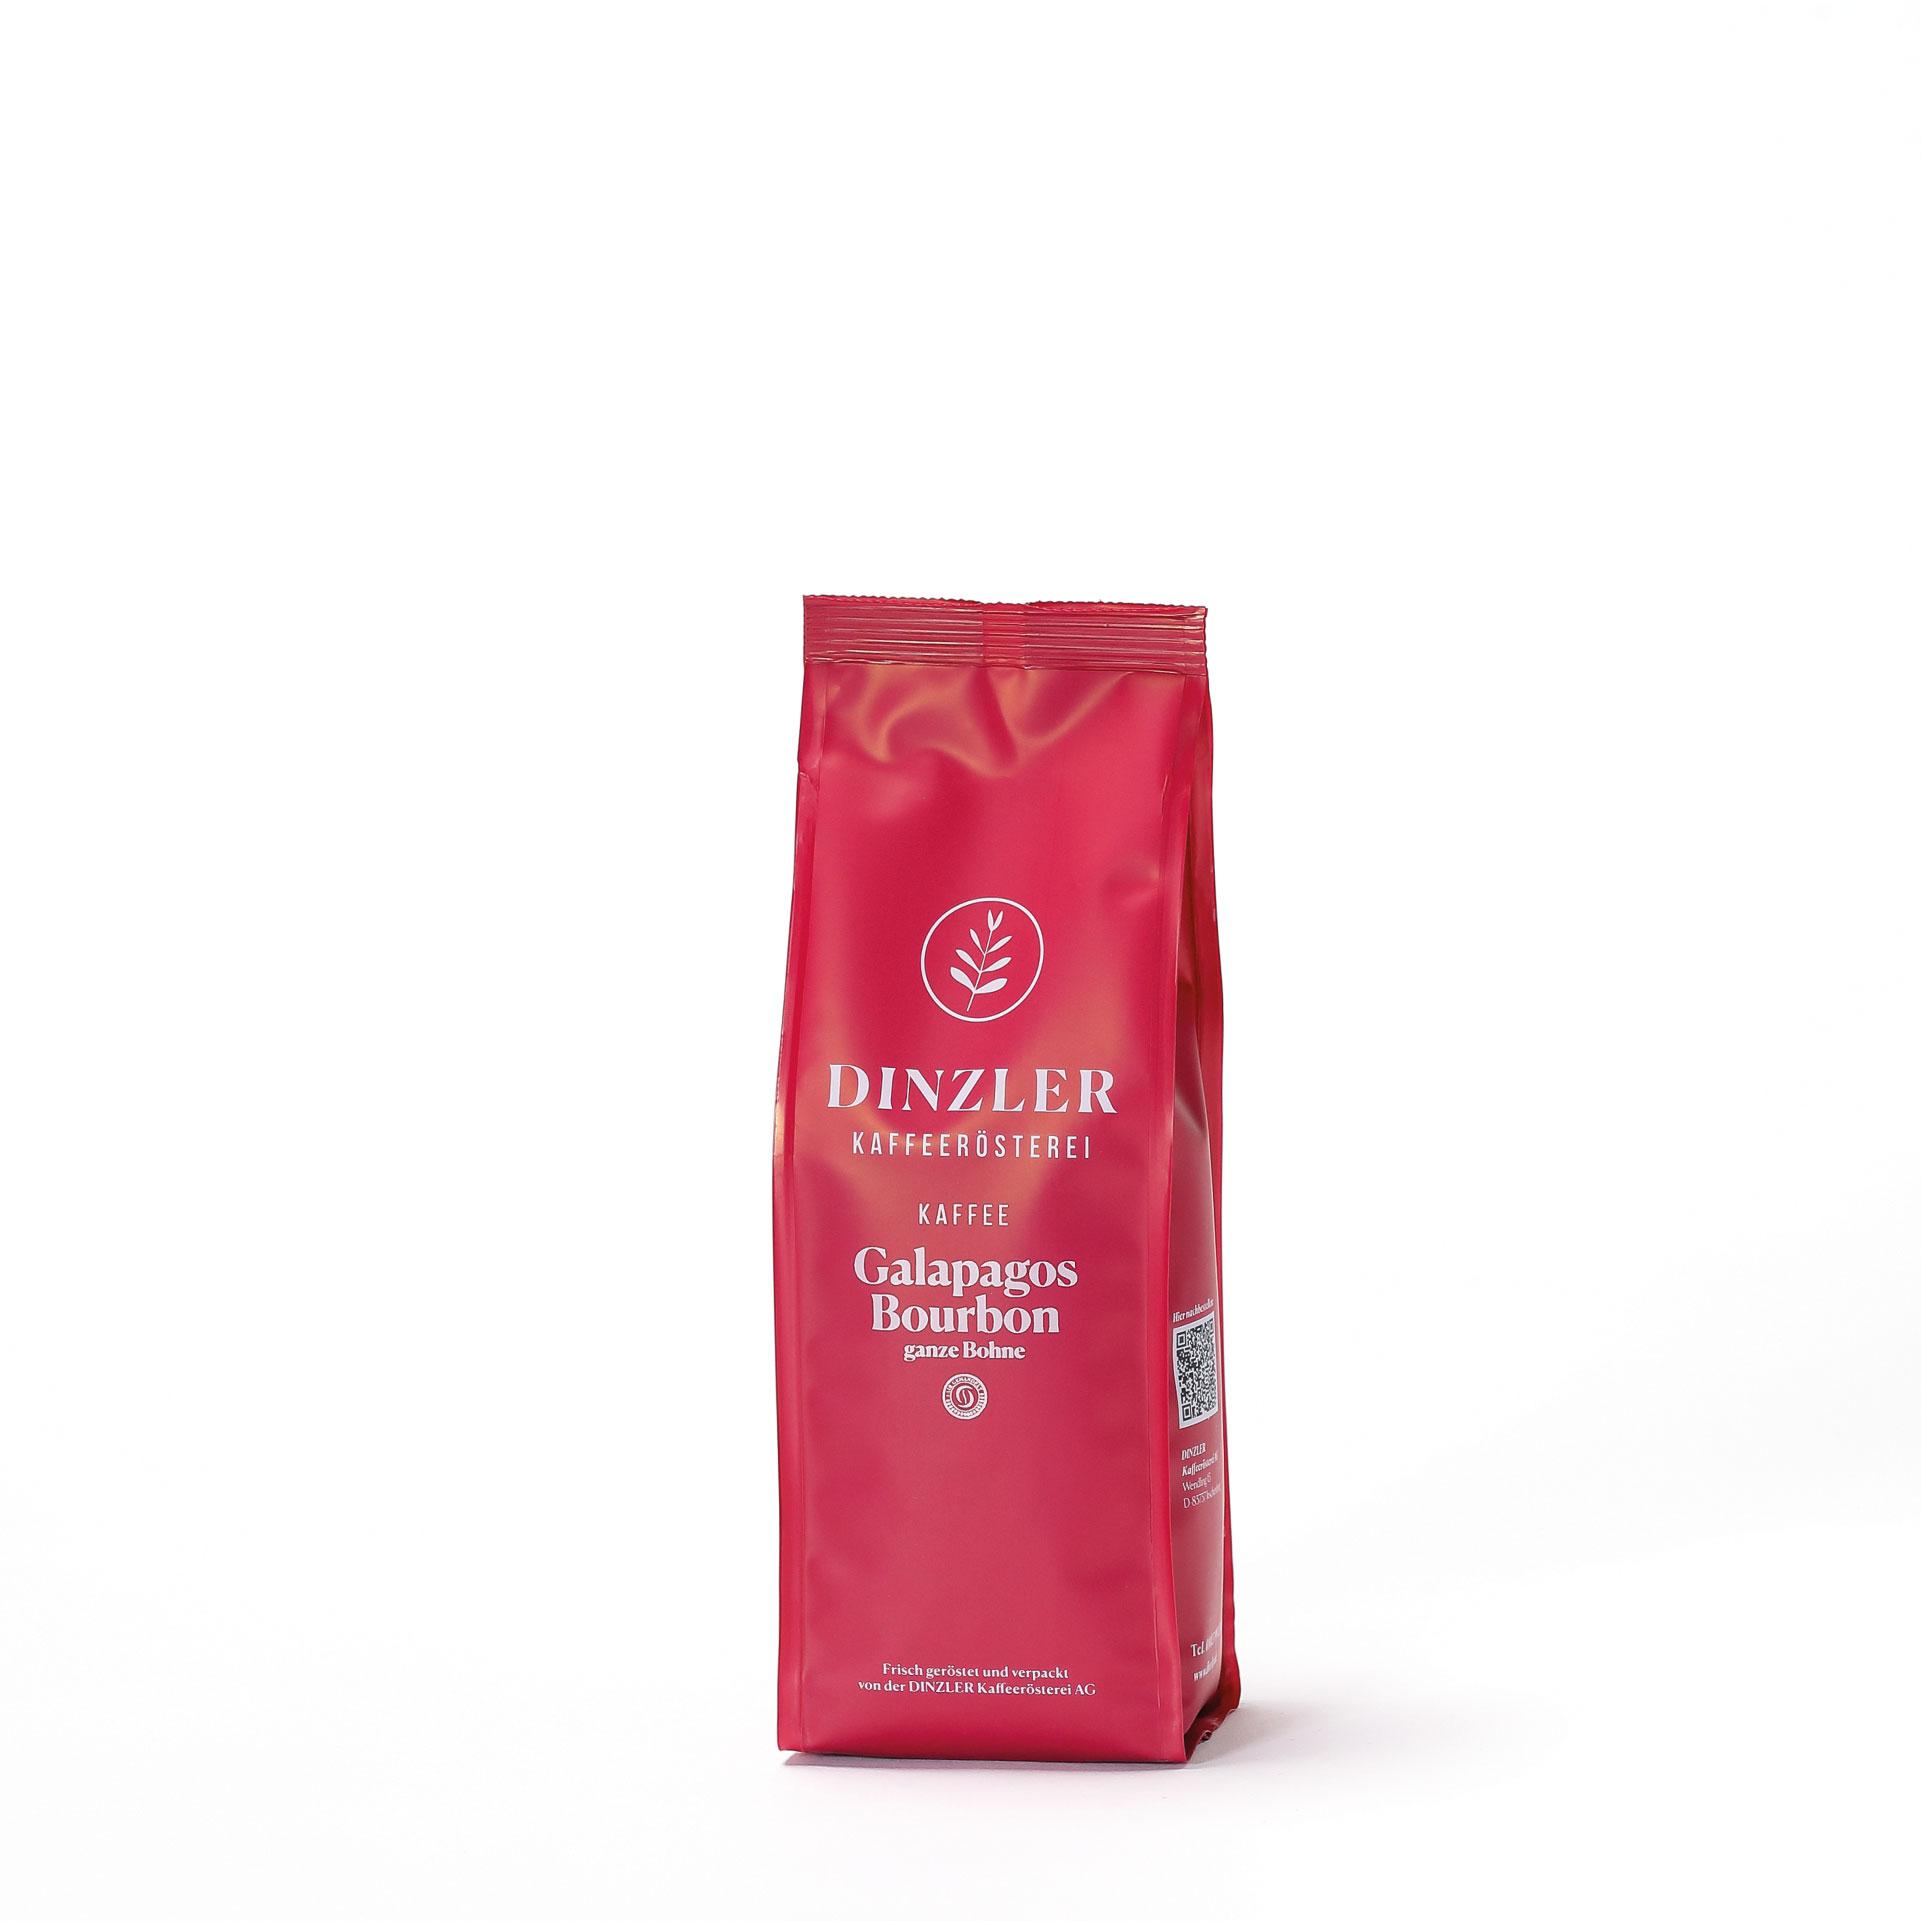 DINZLER Kaffee Galapagos Bourbon